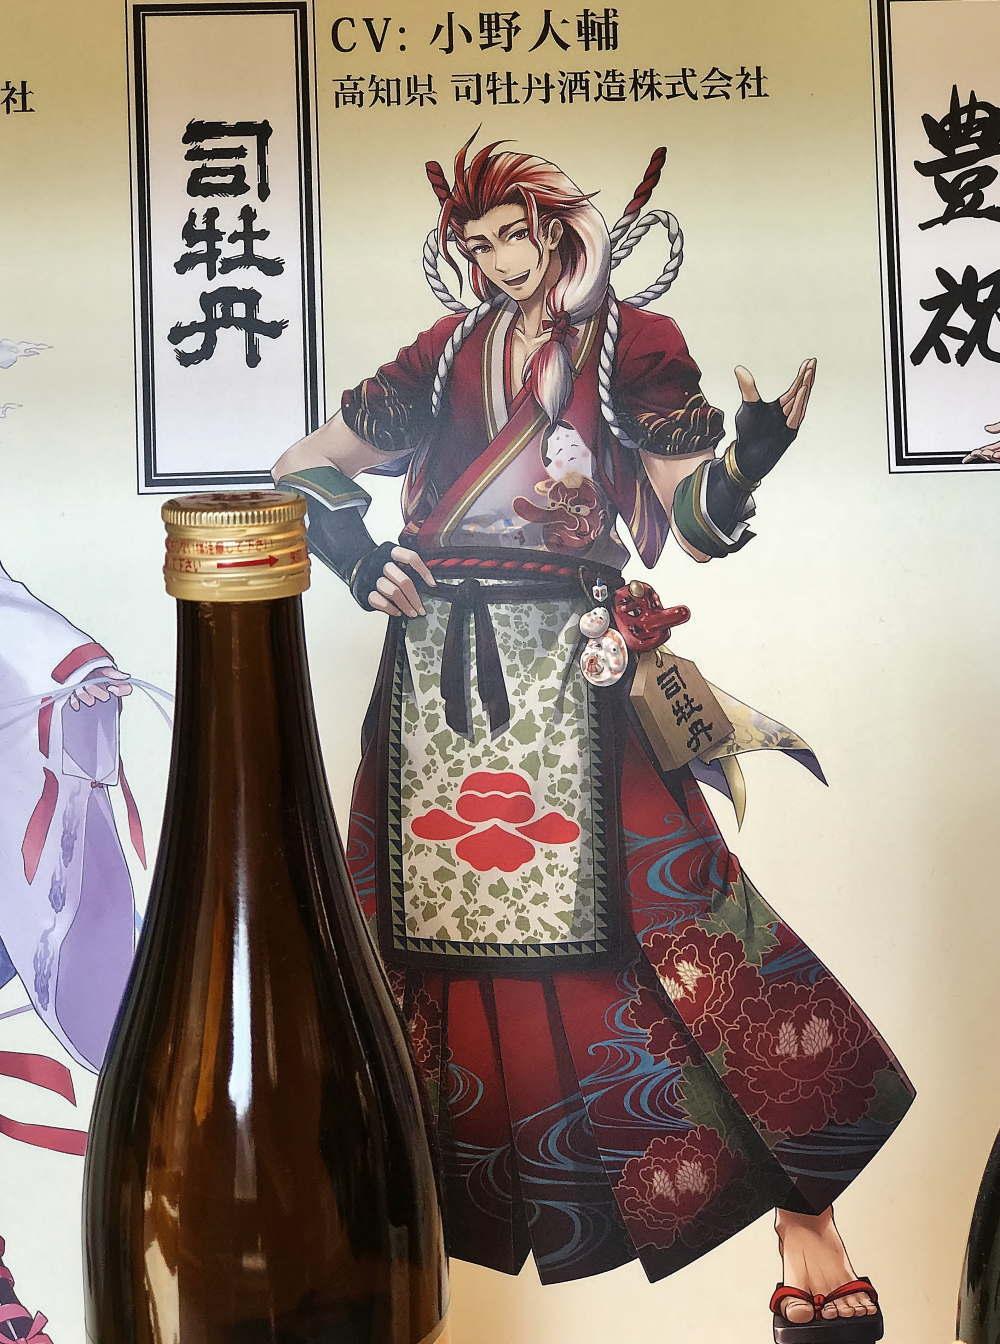 神酒ノ尊 司牡丹(CV小野大輔)